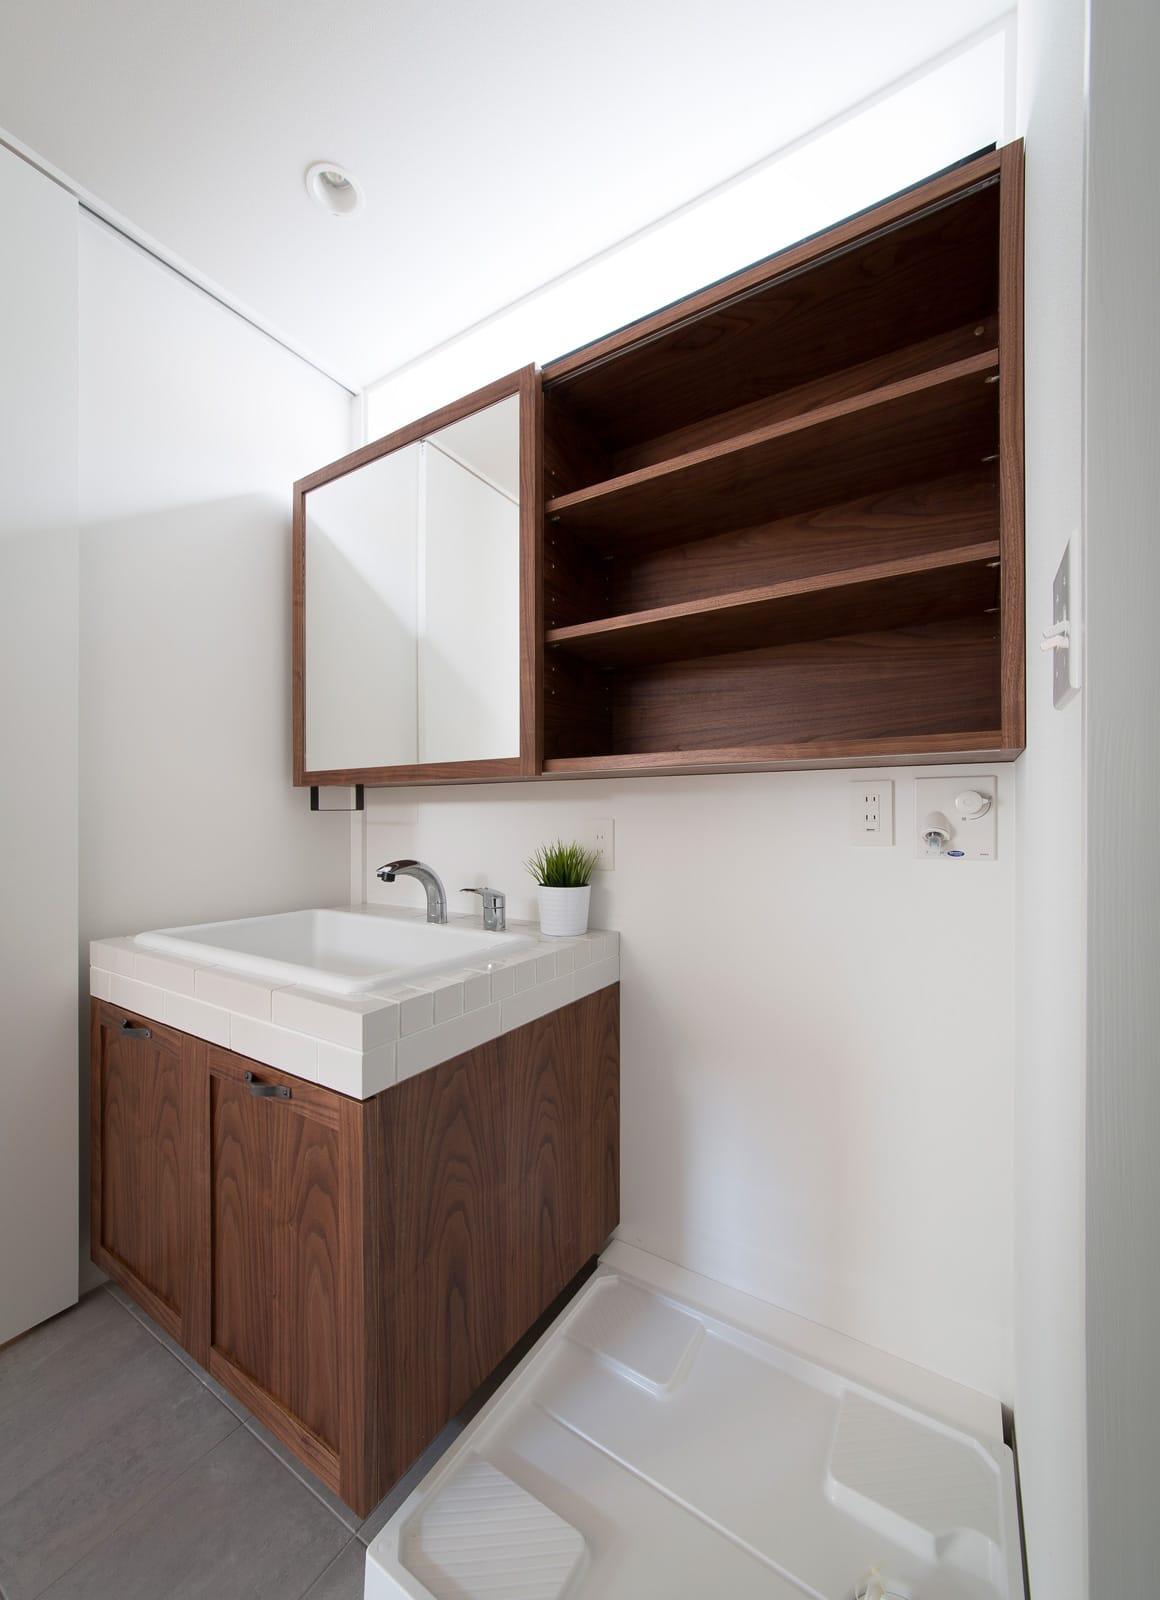 アンティーク家具の似合う家の浴室・洗面室1